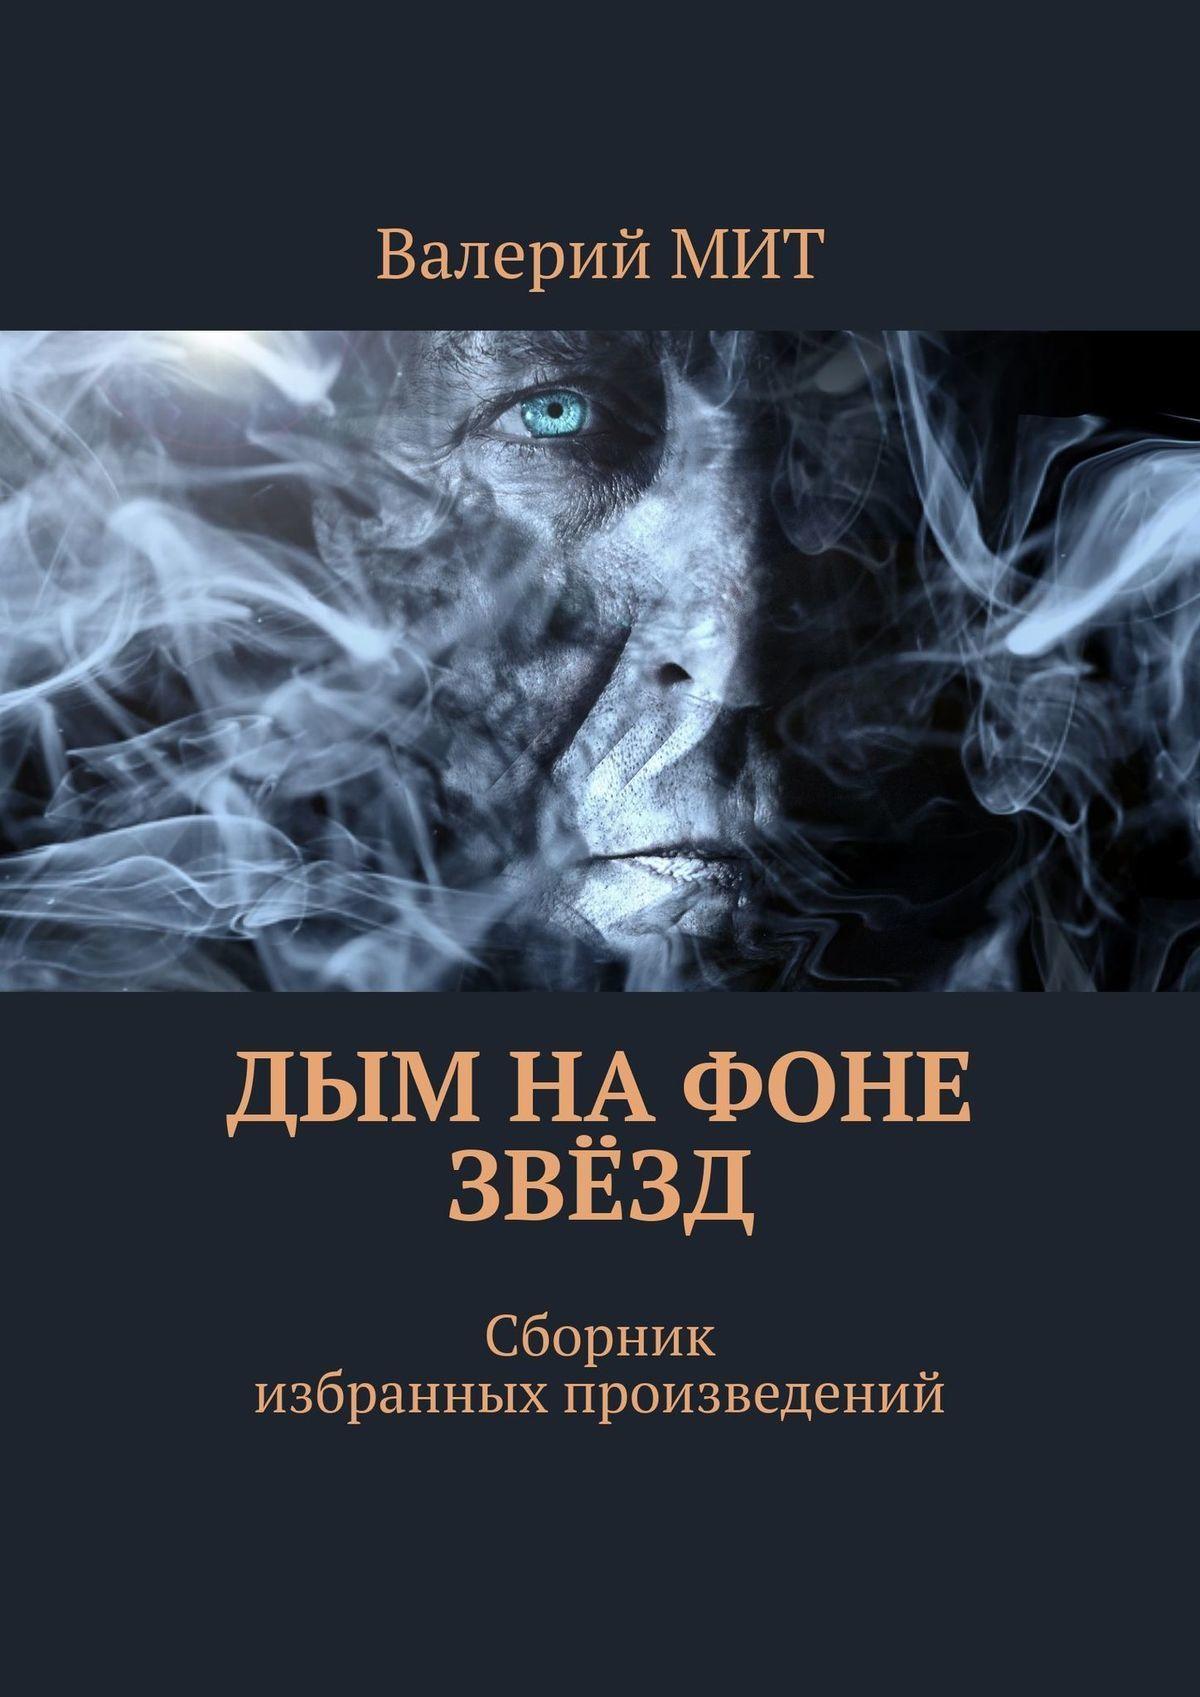 Валерий МИТ - Дым на фоне звёзд. Сборник избранных произведений